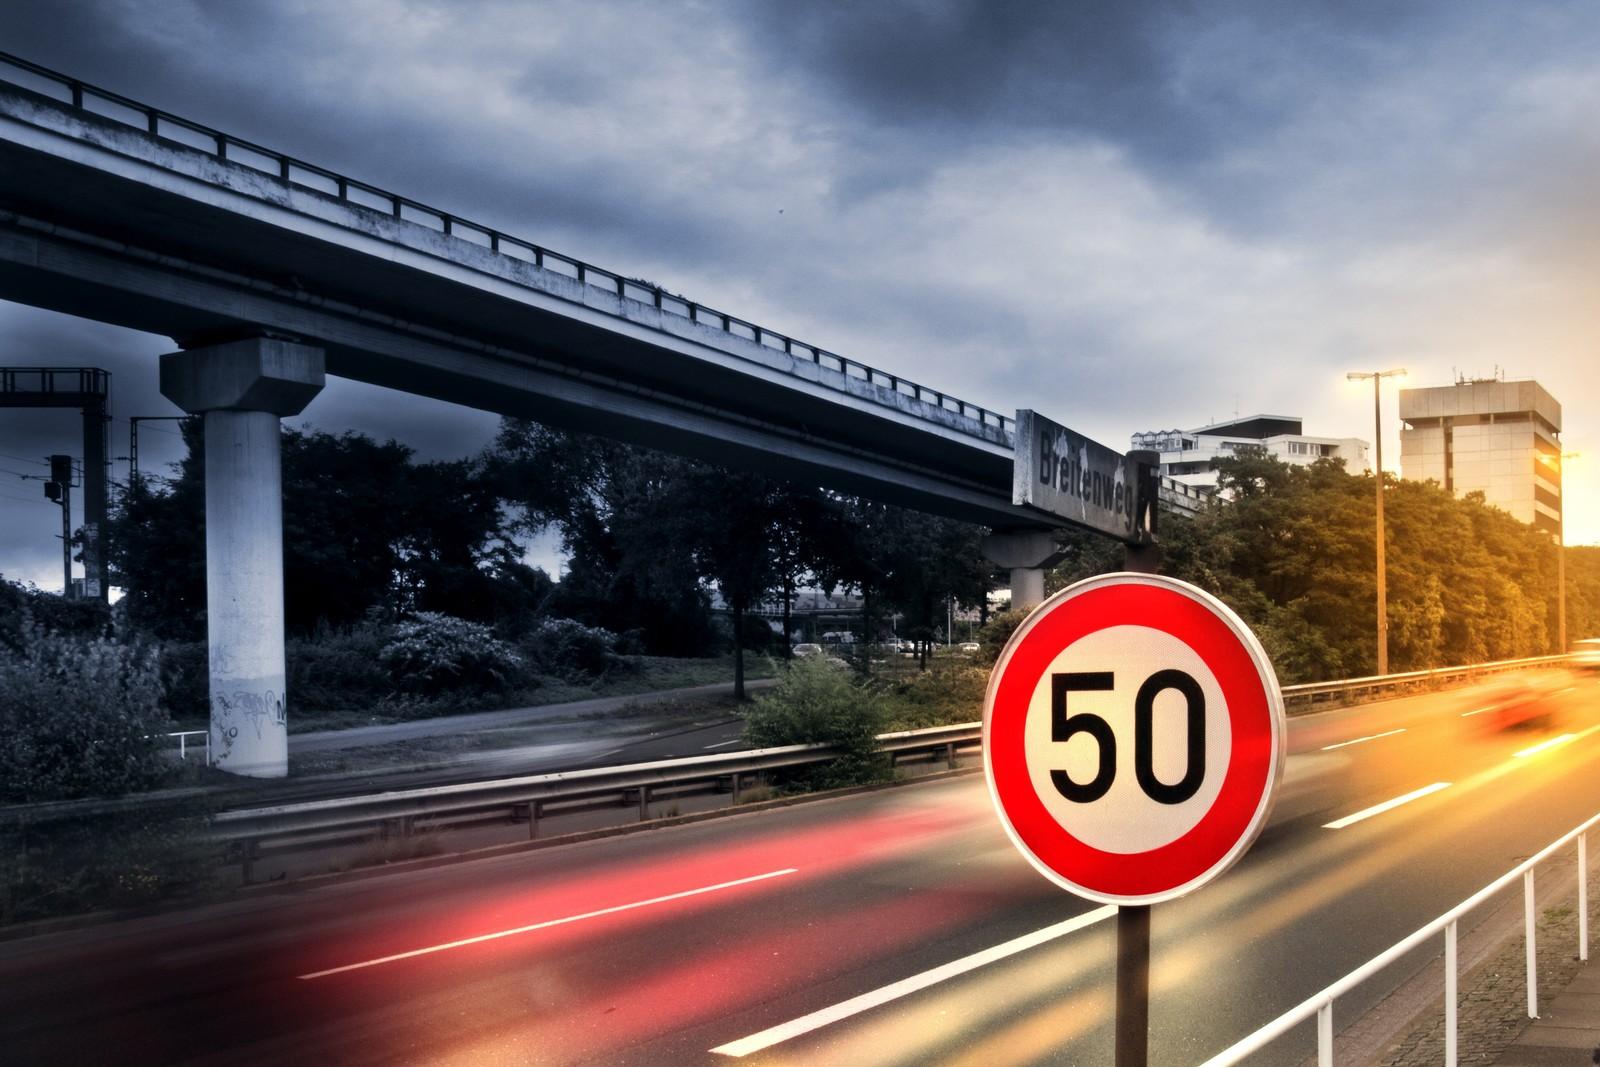 Ein Urteil des OLG Köln macht deutlich, dass sich Autofahrer nicht allein auf den Tempomat verlassen dürfen, denn dabei handelt es sich lediglich um ein hilfsmittel. Sie selbst müssen trotz Technik aufmerksam sein.